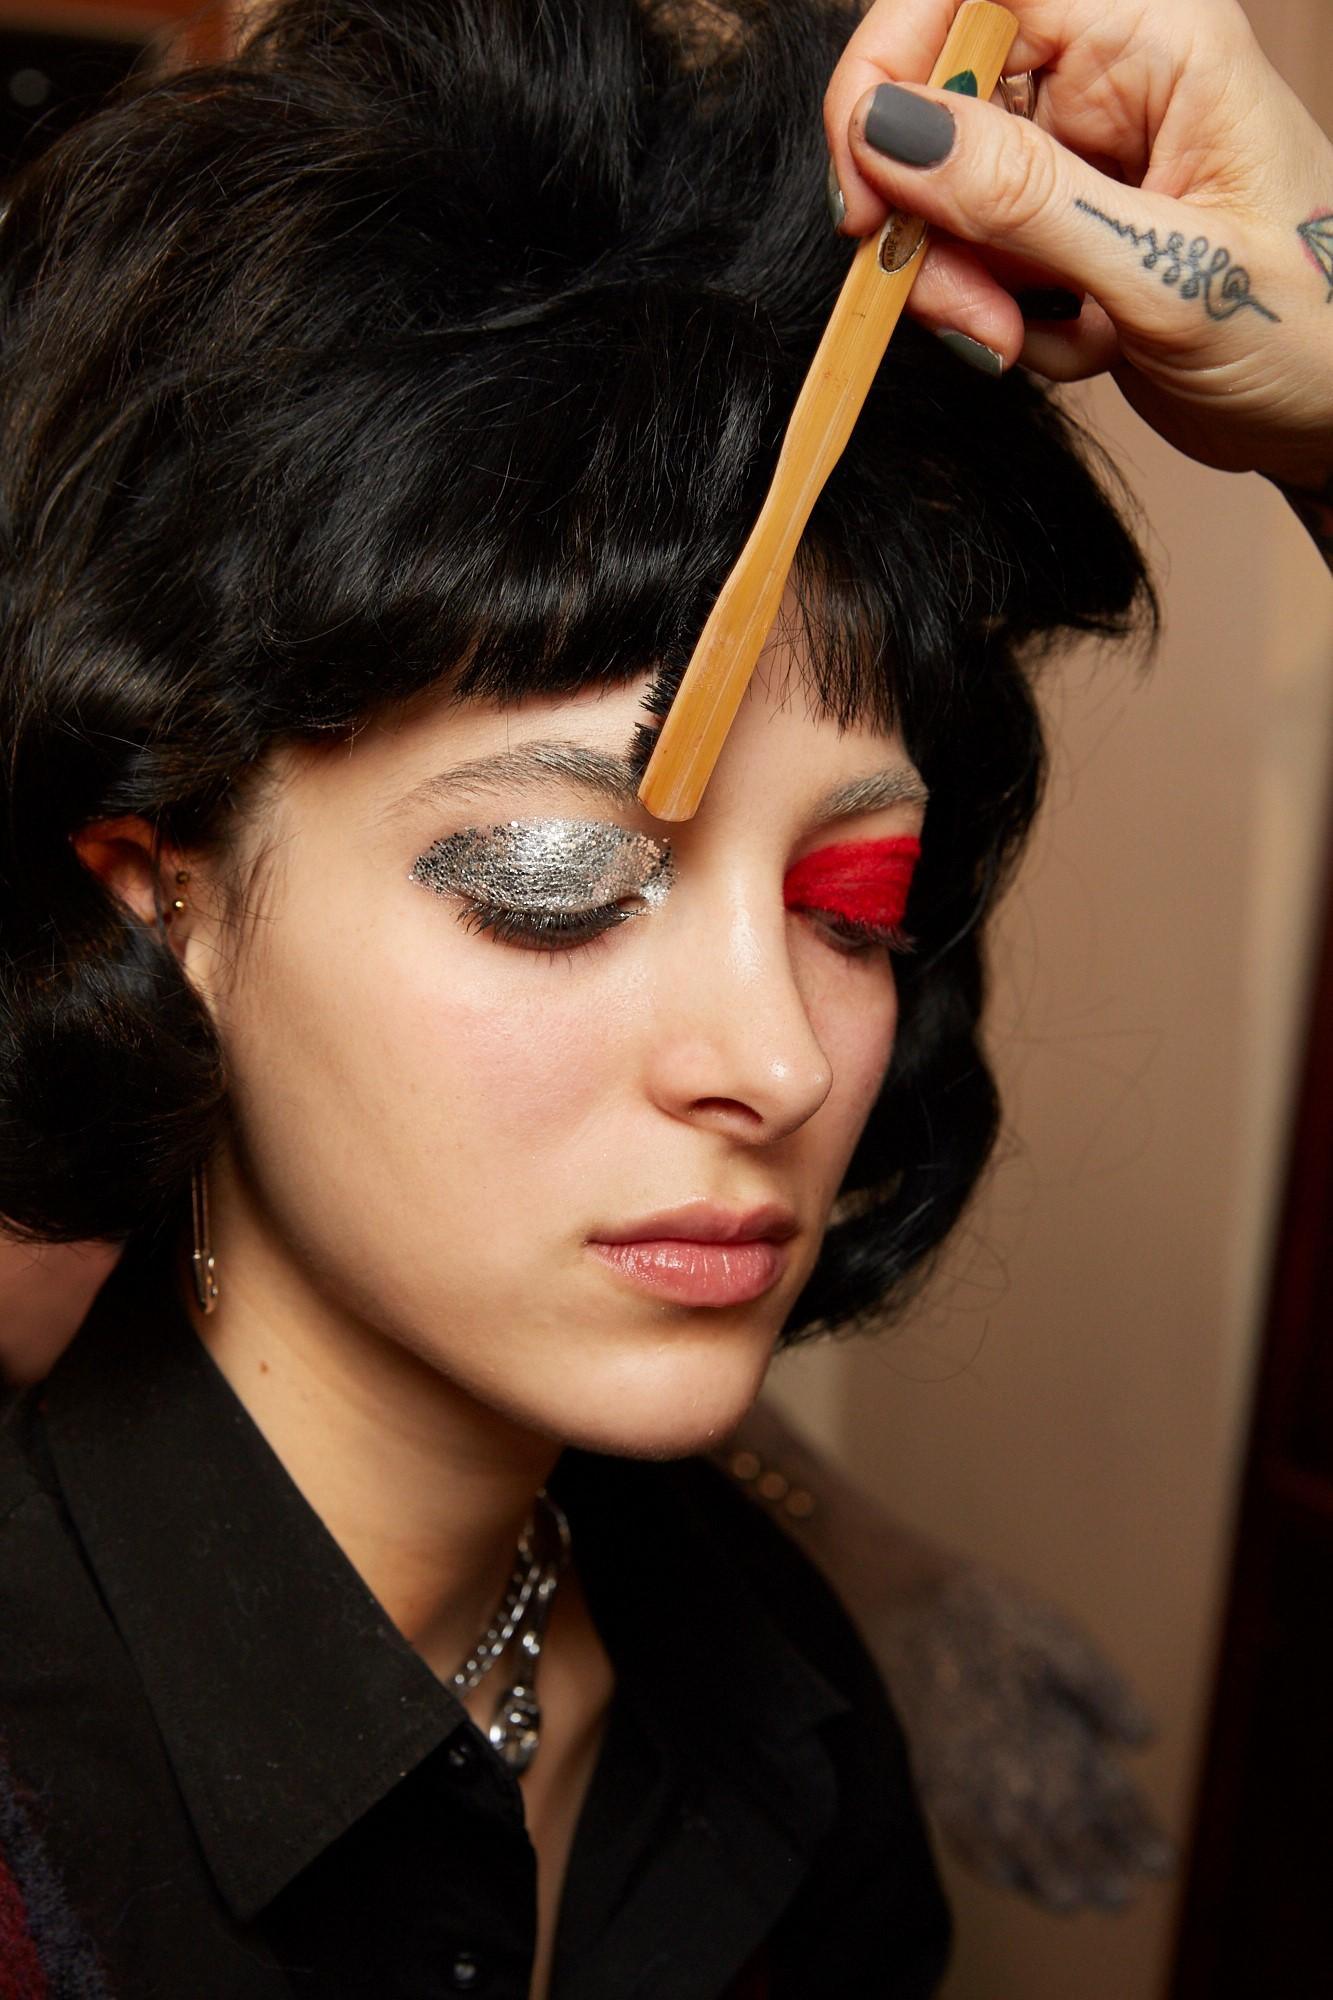 פרופסיונל בשבוע האופנה בניו יורק צילום גטי אימאג'